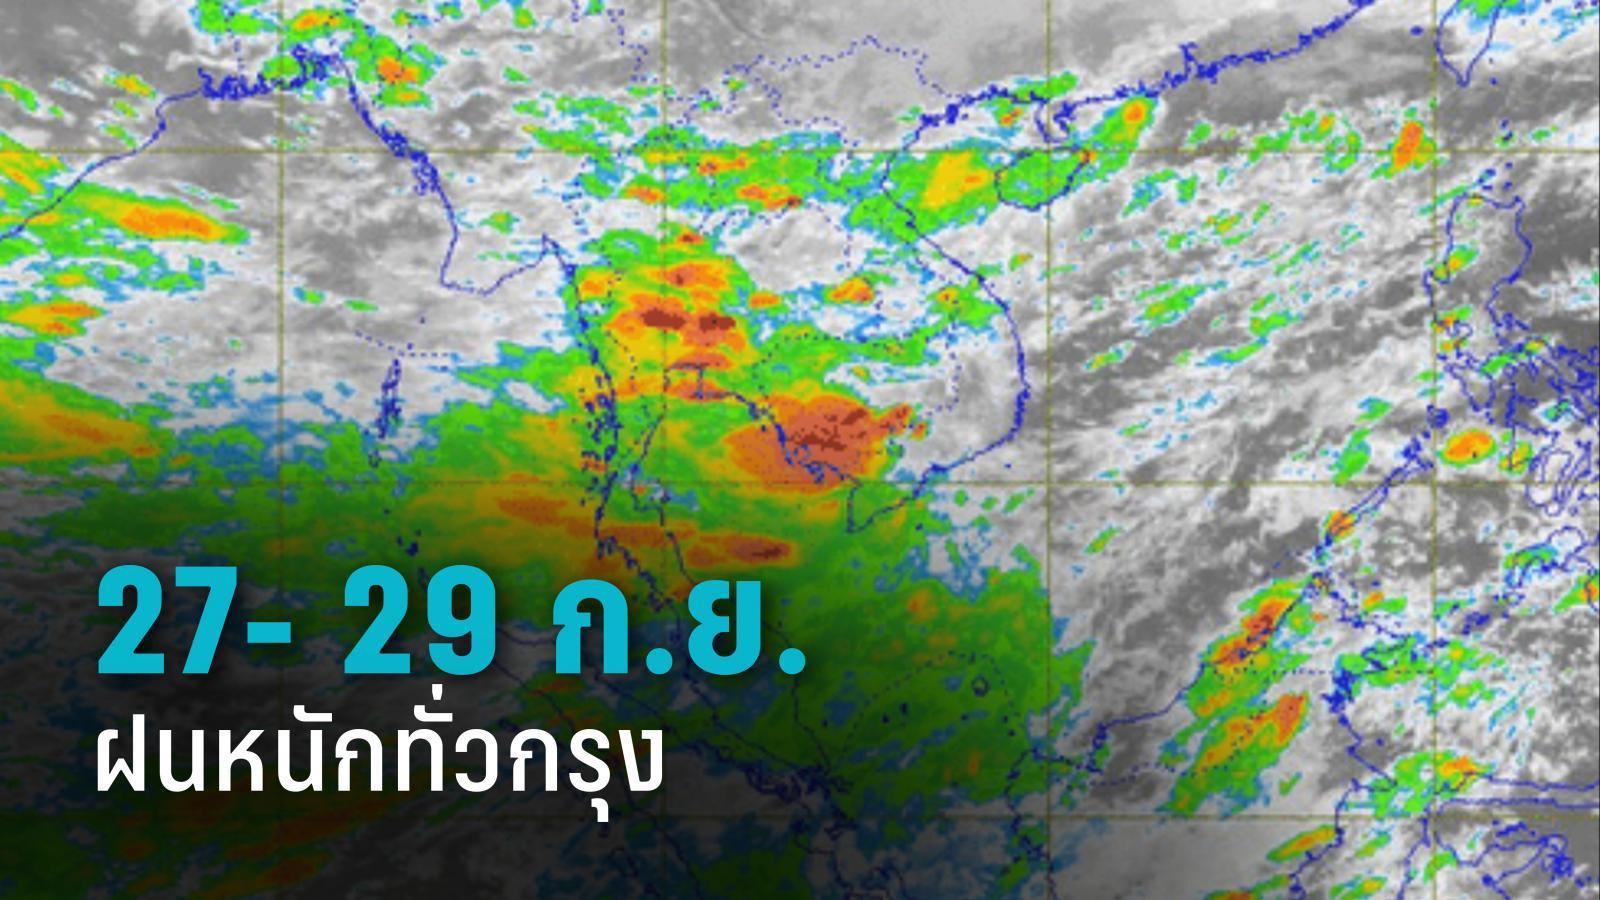 อุตุฯเตือน ฝนหนักถึงหนักมากทั่วกทม.พยากรณ์อากาศสัปดาห์นี้ มรสุมเข้า เหนือ กลาง อีสาน!